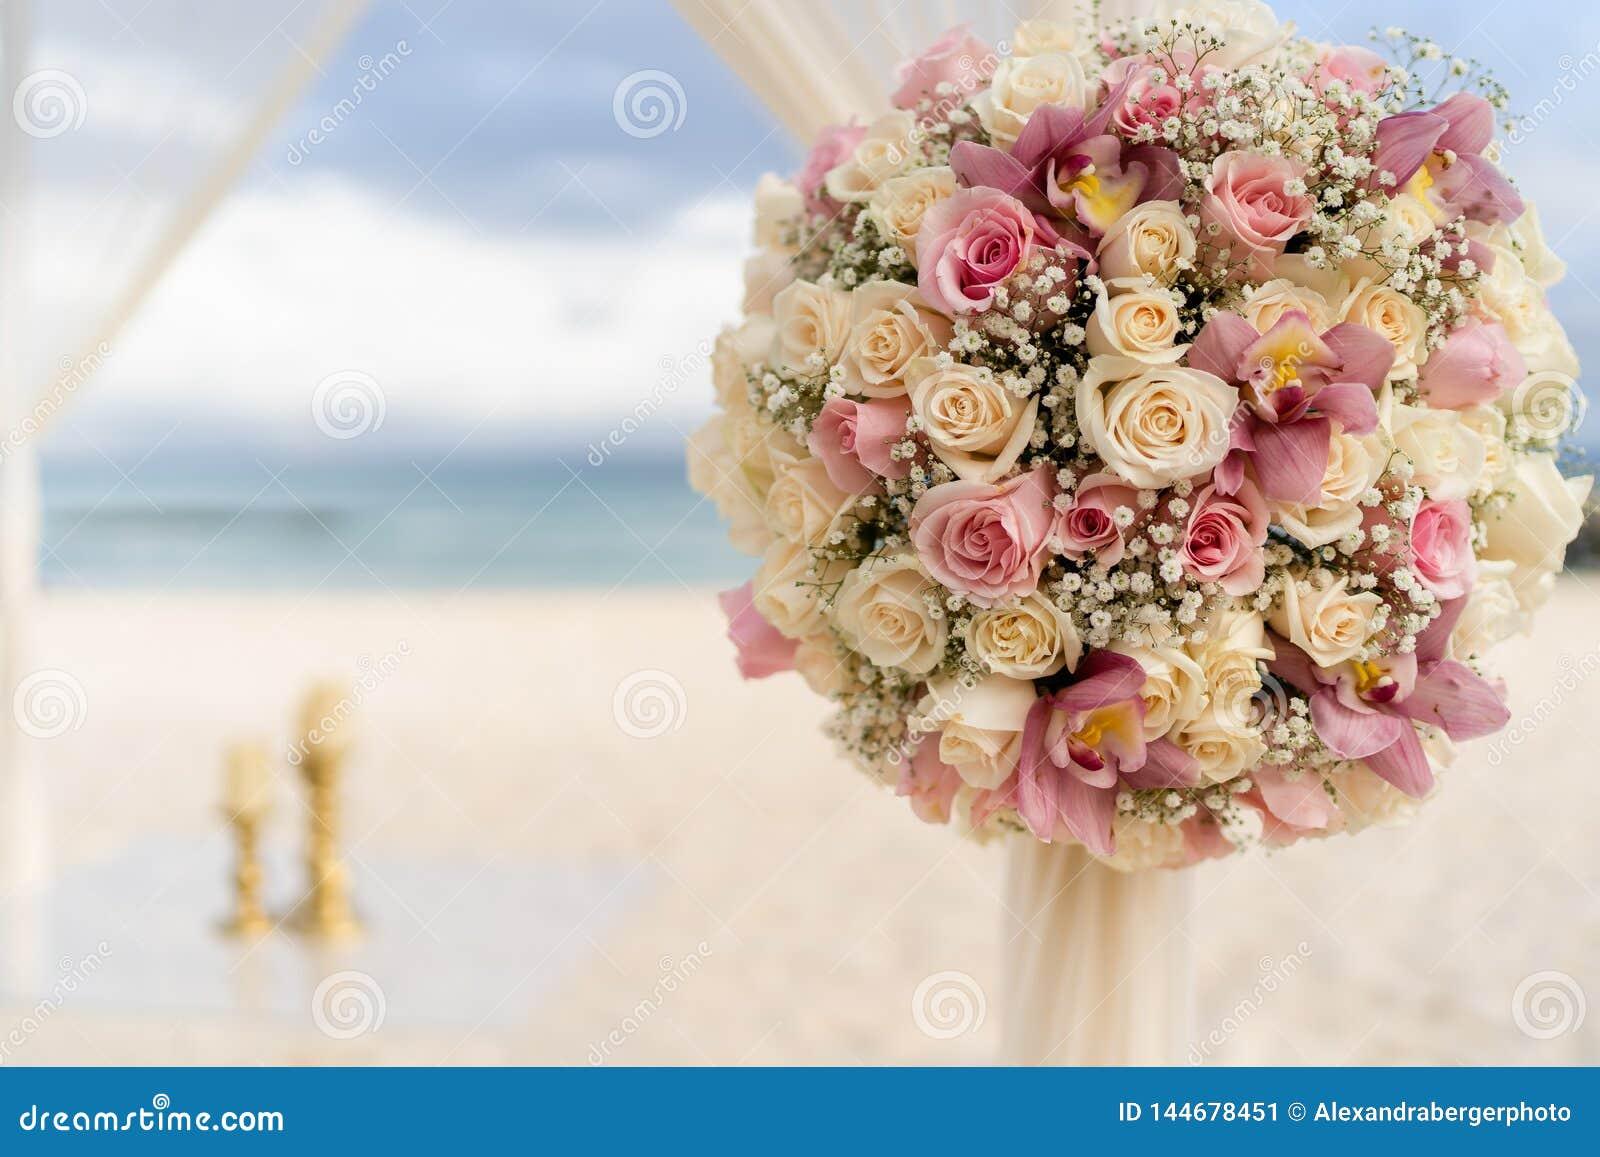 Romantyczna dekoracja z kwiatami plażowy ślub na plaży z morzem w tle